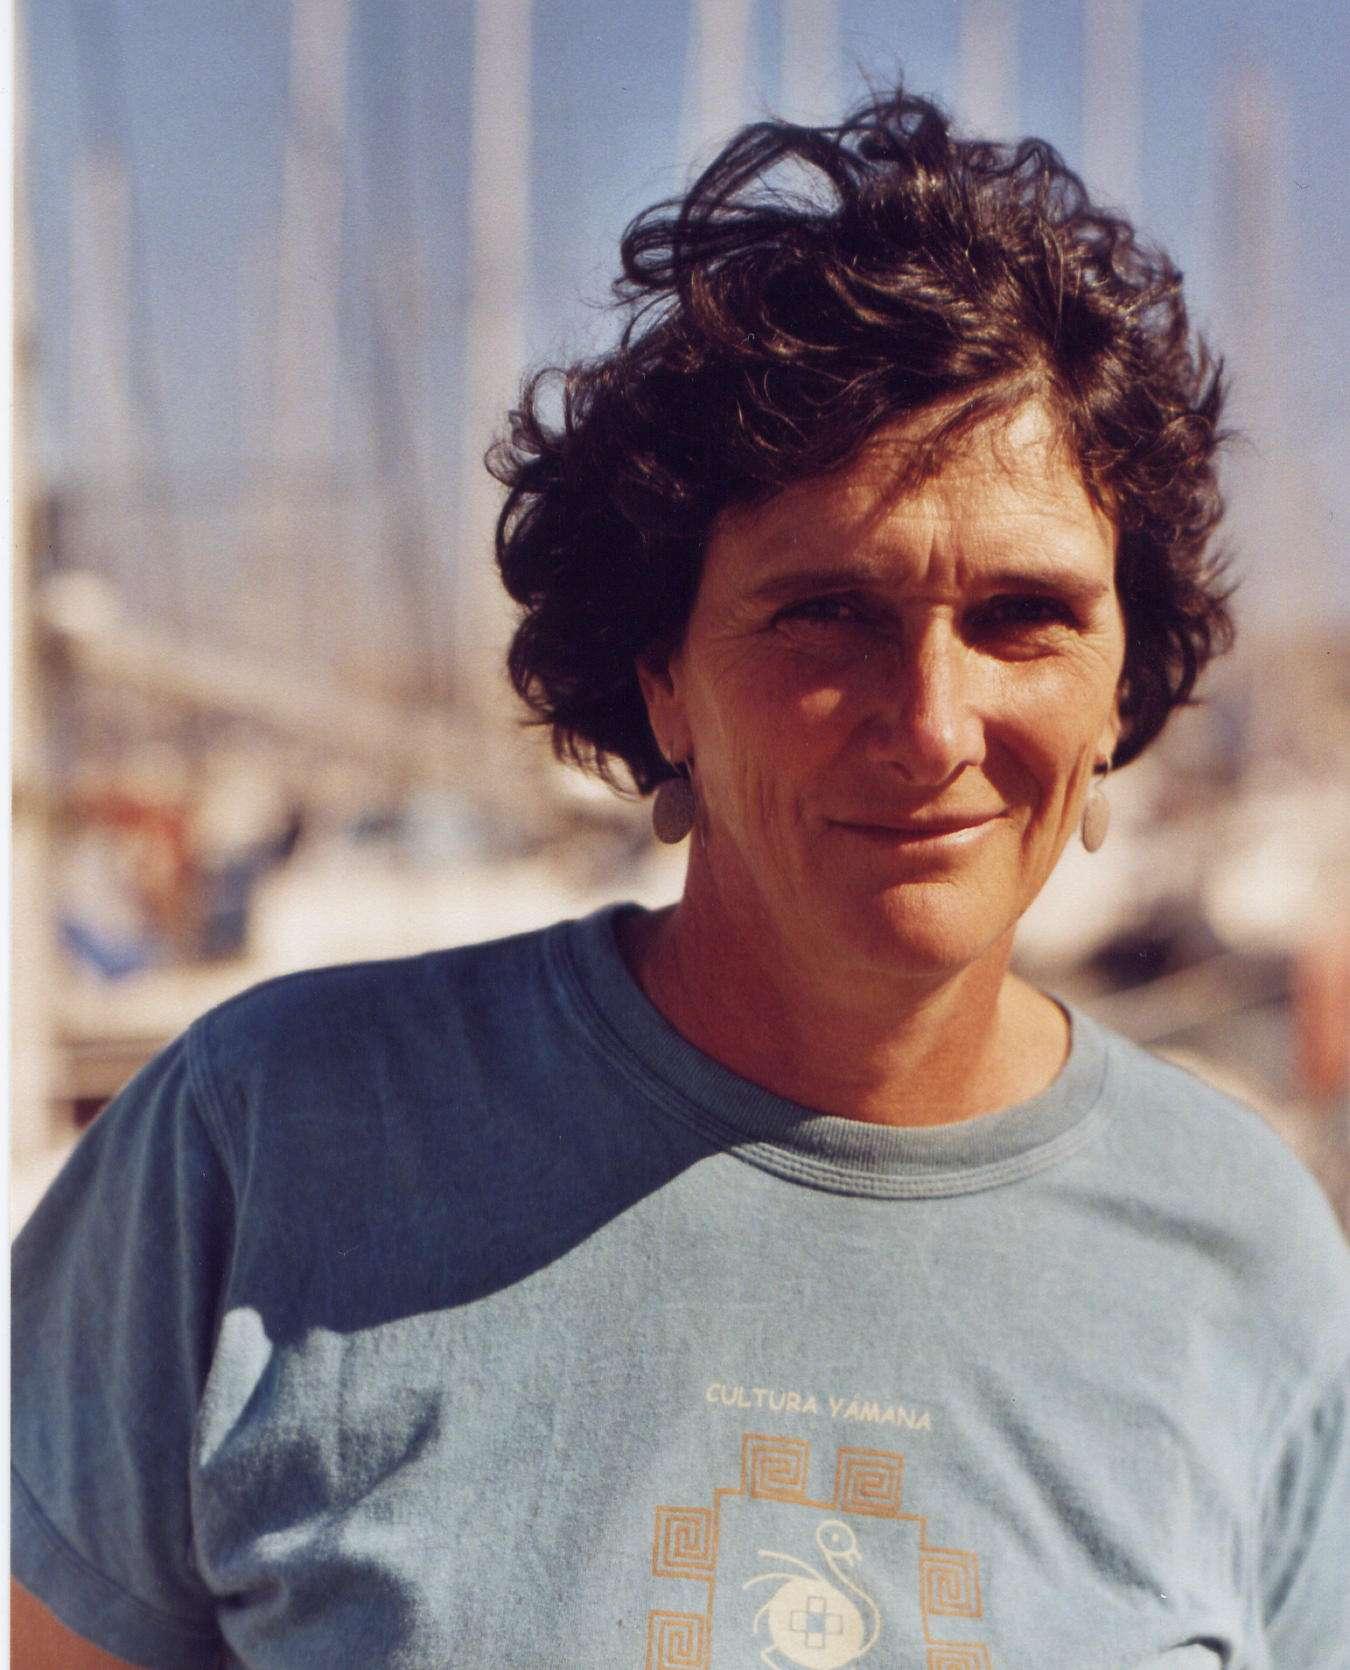 Isabelle Autissier, toujours prête pour l'aventure, surtout lorsqu'il s'agit de défendre de bonnes causes. © Ducourtiou / WWF